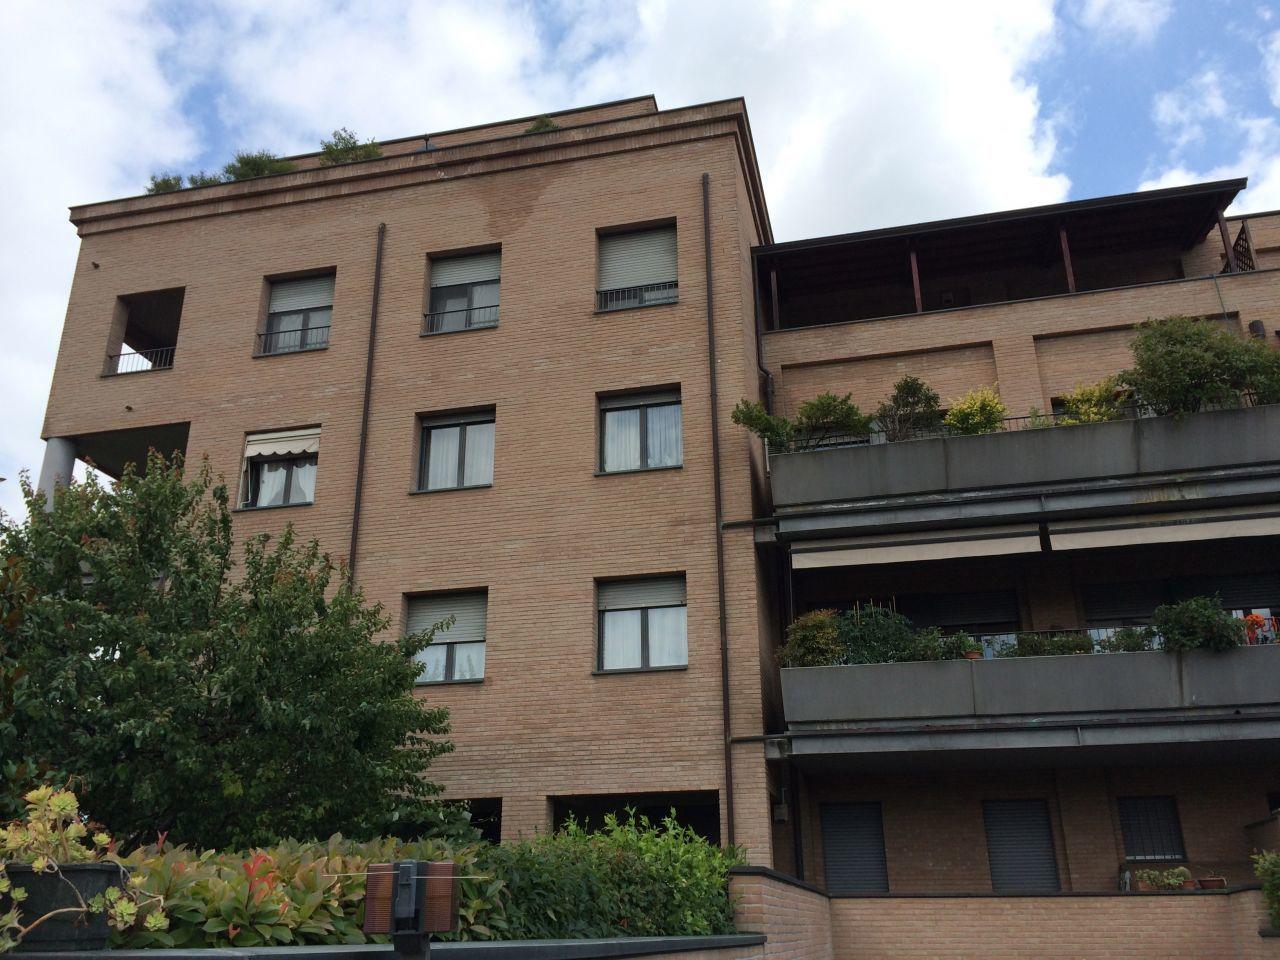 Attico / Mansarda in vendita a Parma, 9999 locali, prezzo € 395.000 | Cambio Casa.it